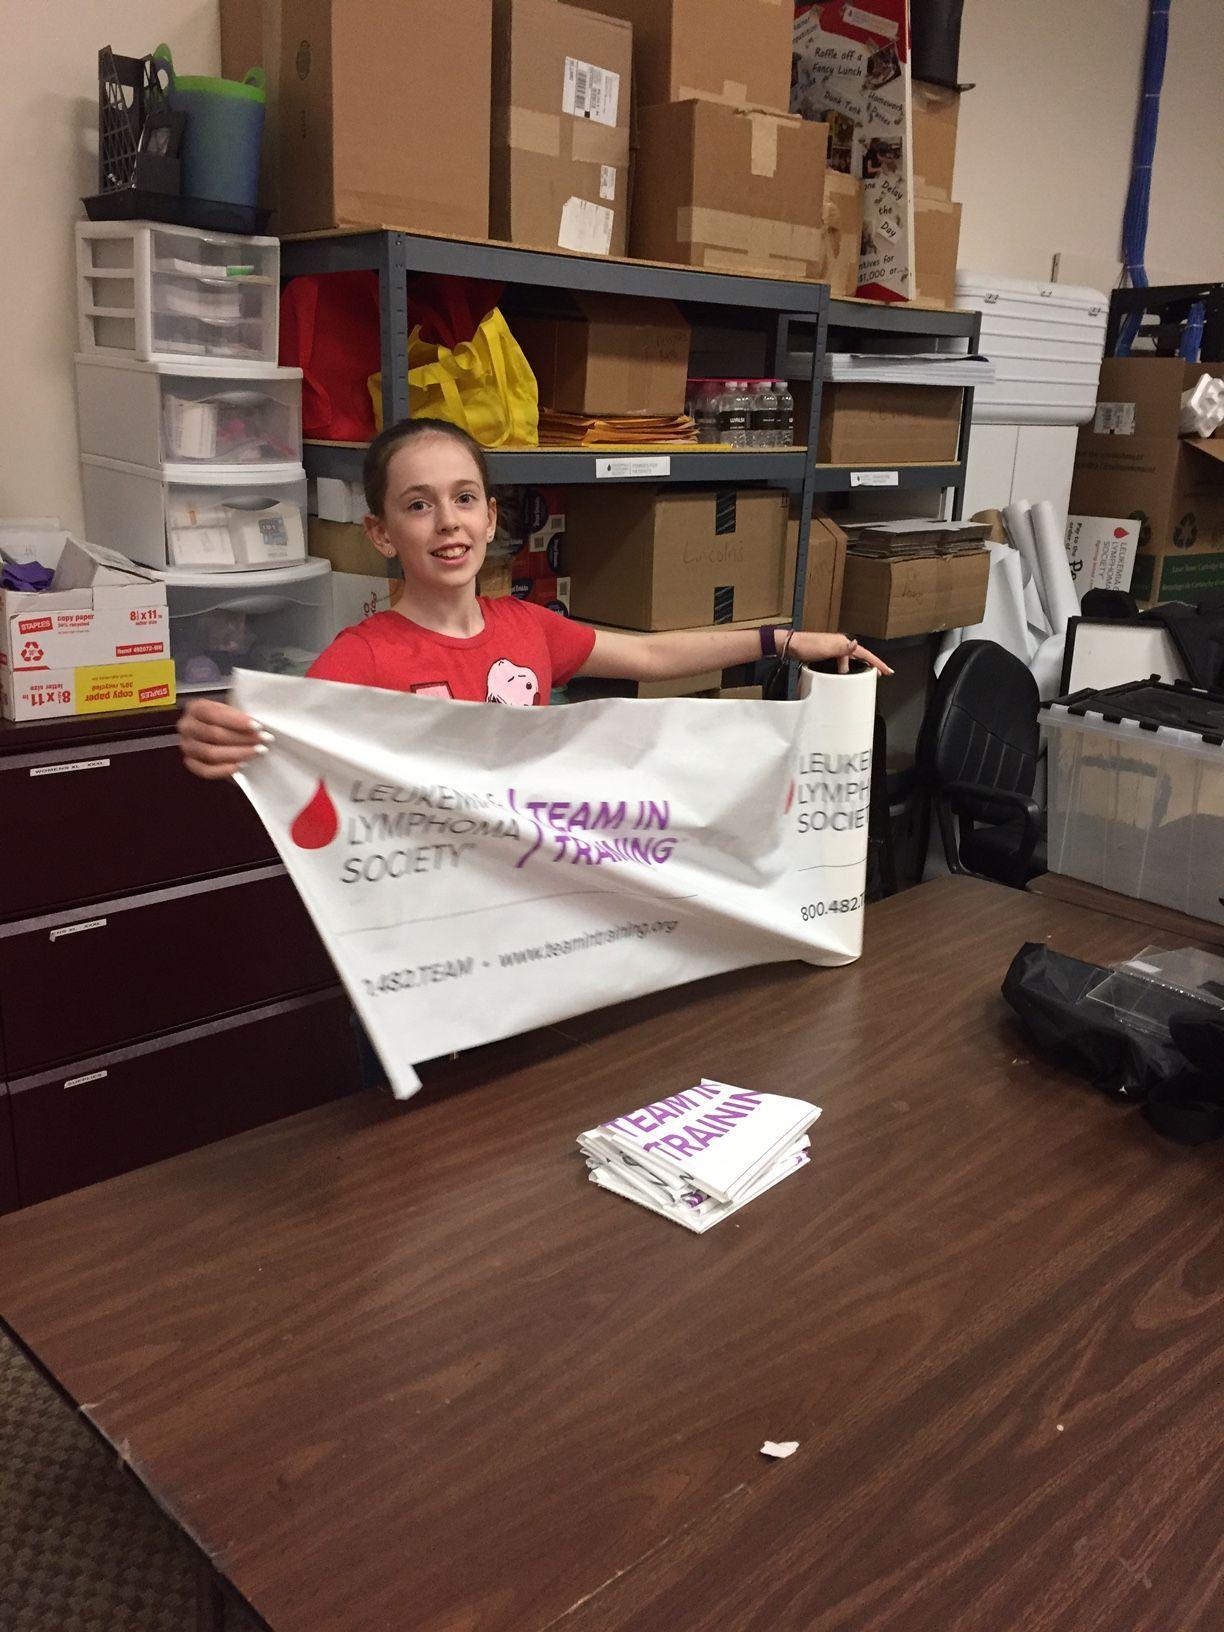 Cassie Fetsch, student volunteer for LLS's Minnesota chapter.